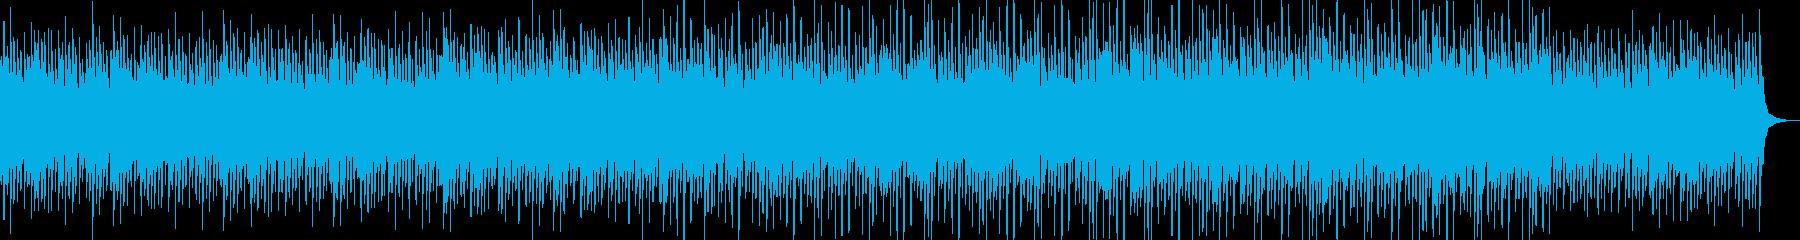 ハープ・優しい・ヒーリングの再生済みの波形